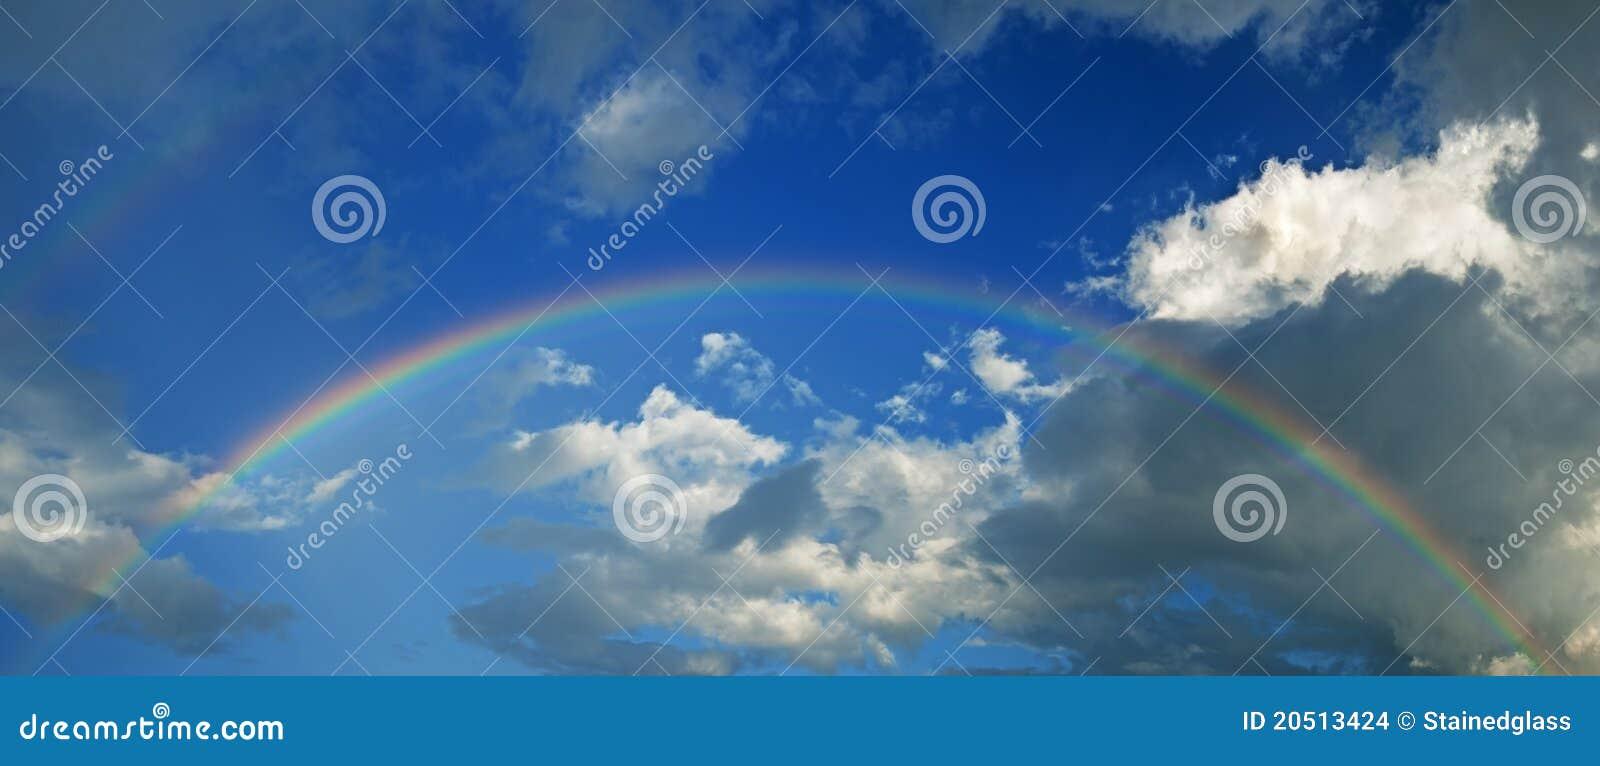 regenbogen mit himmel und wolkenpanorama stockfoto  bild